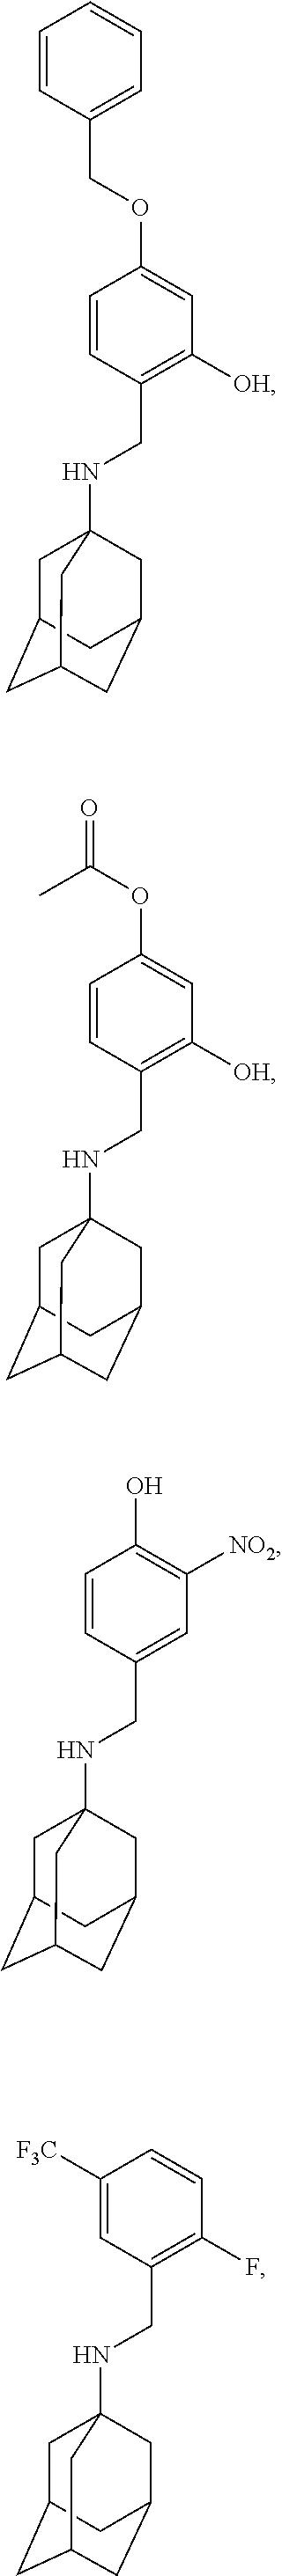 Figure US09884832-20180206-C00017